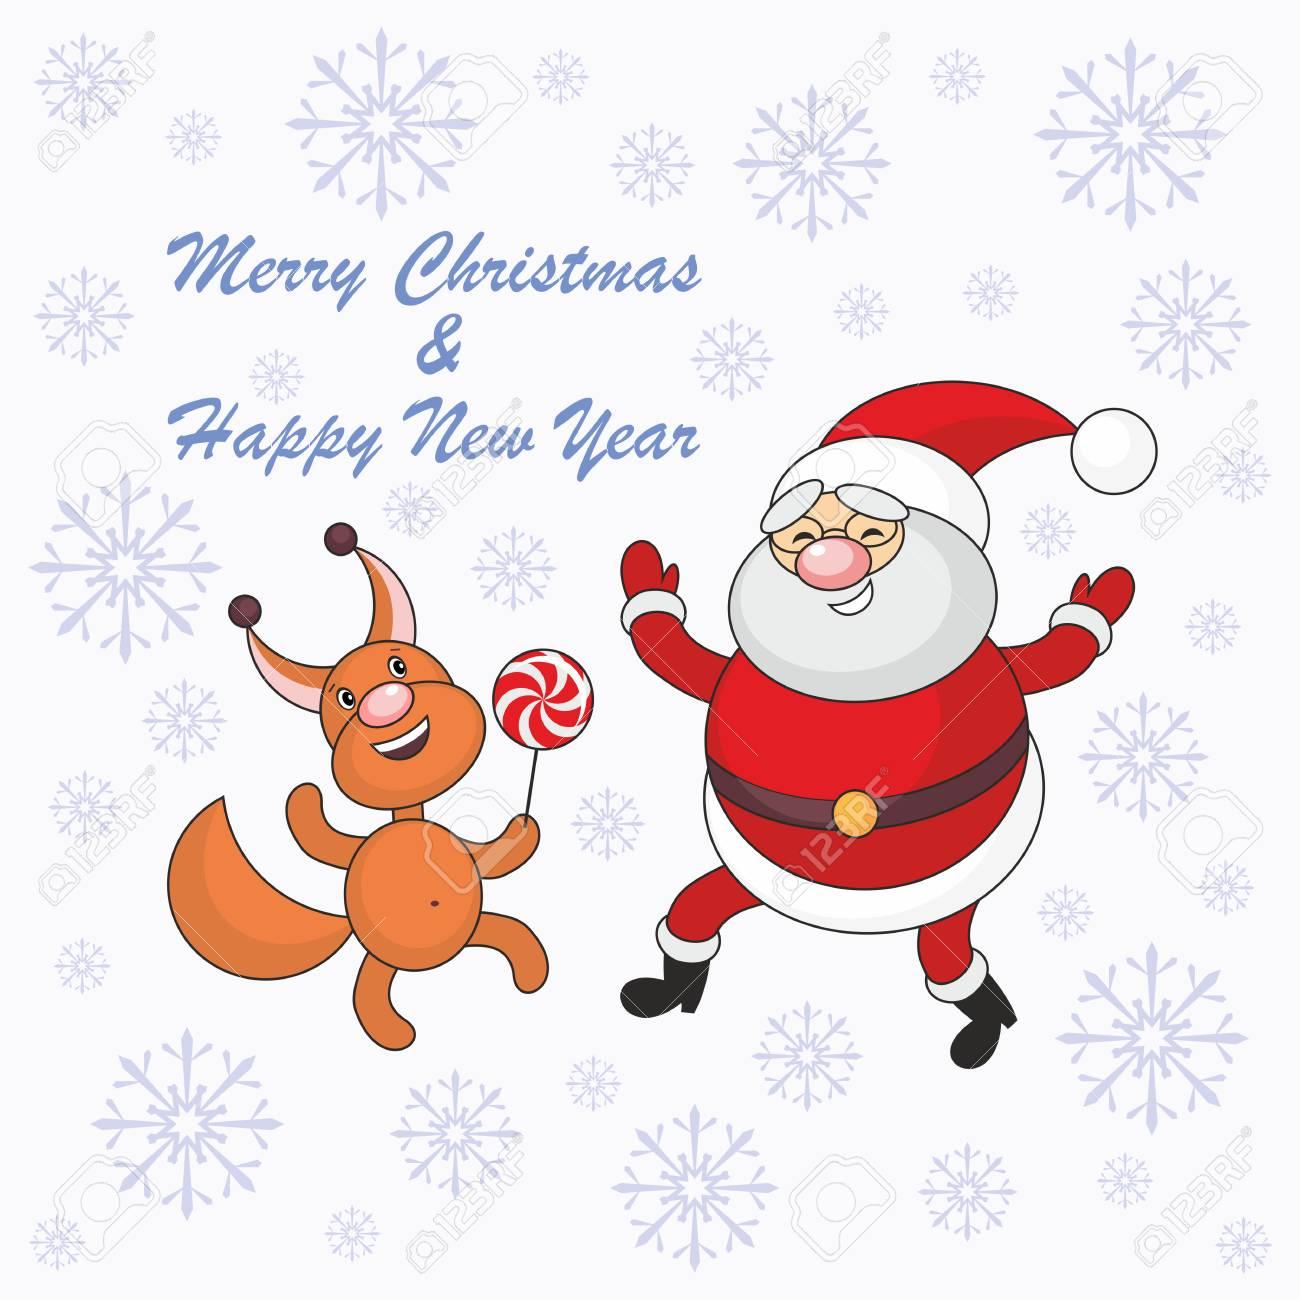 Karte Frohe Weihnachten Und Neujahr Mit Santa Claus Bild Und ...